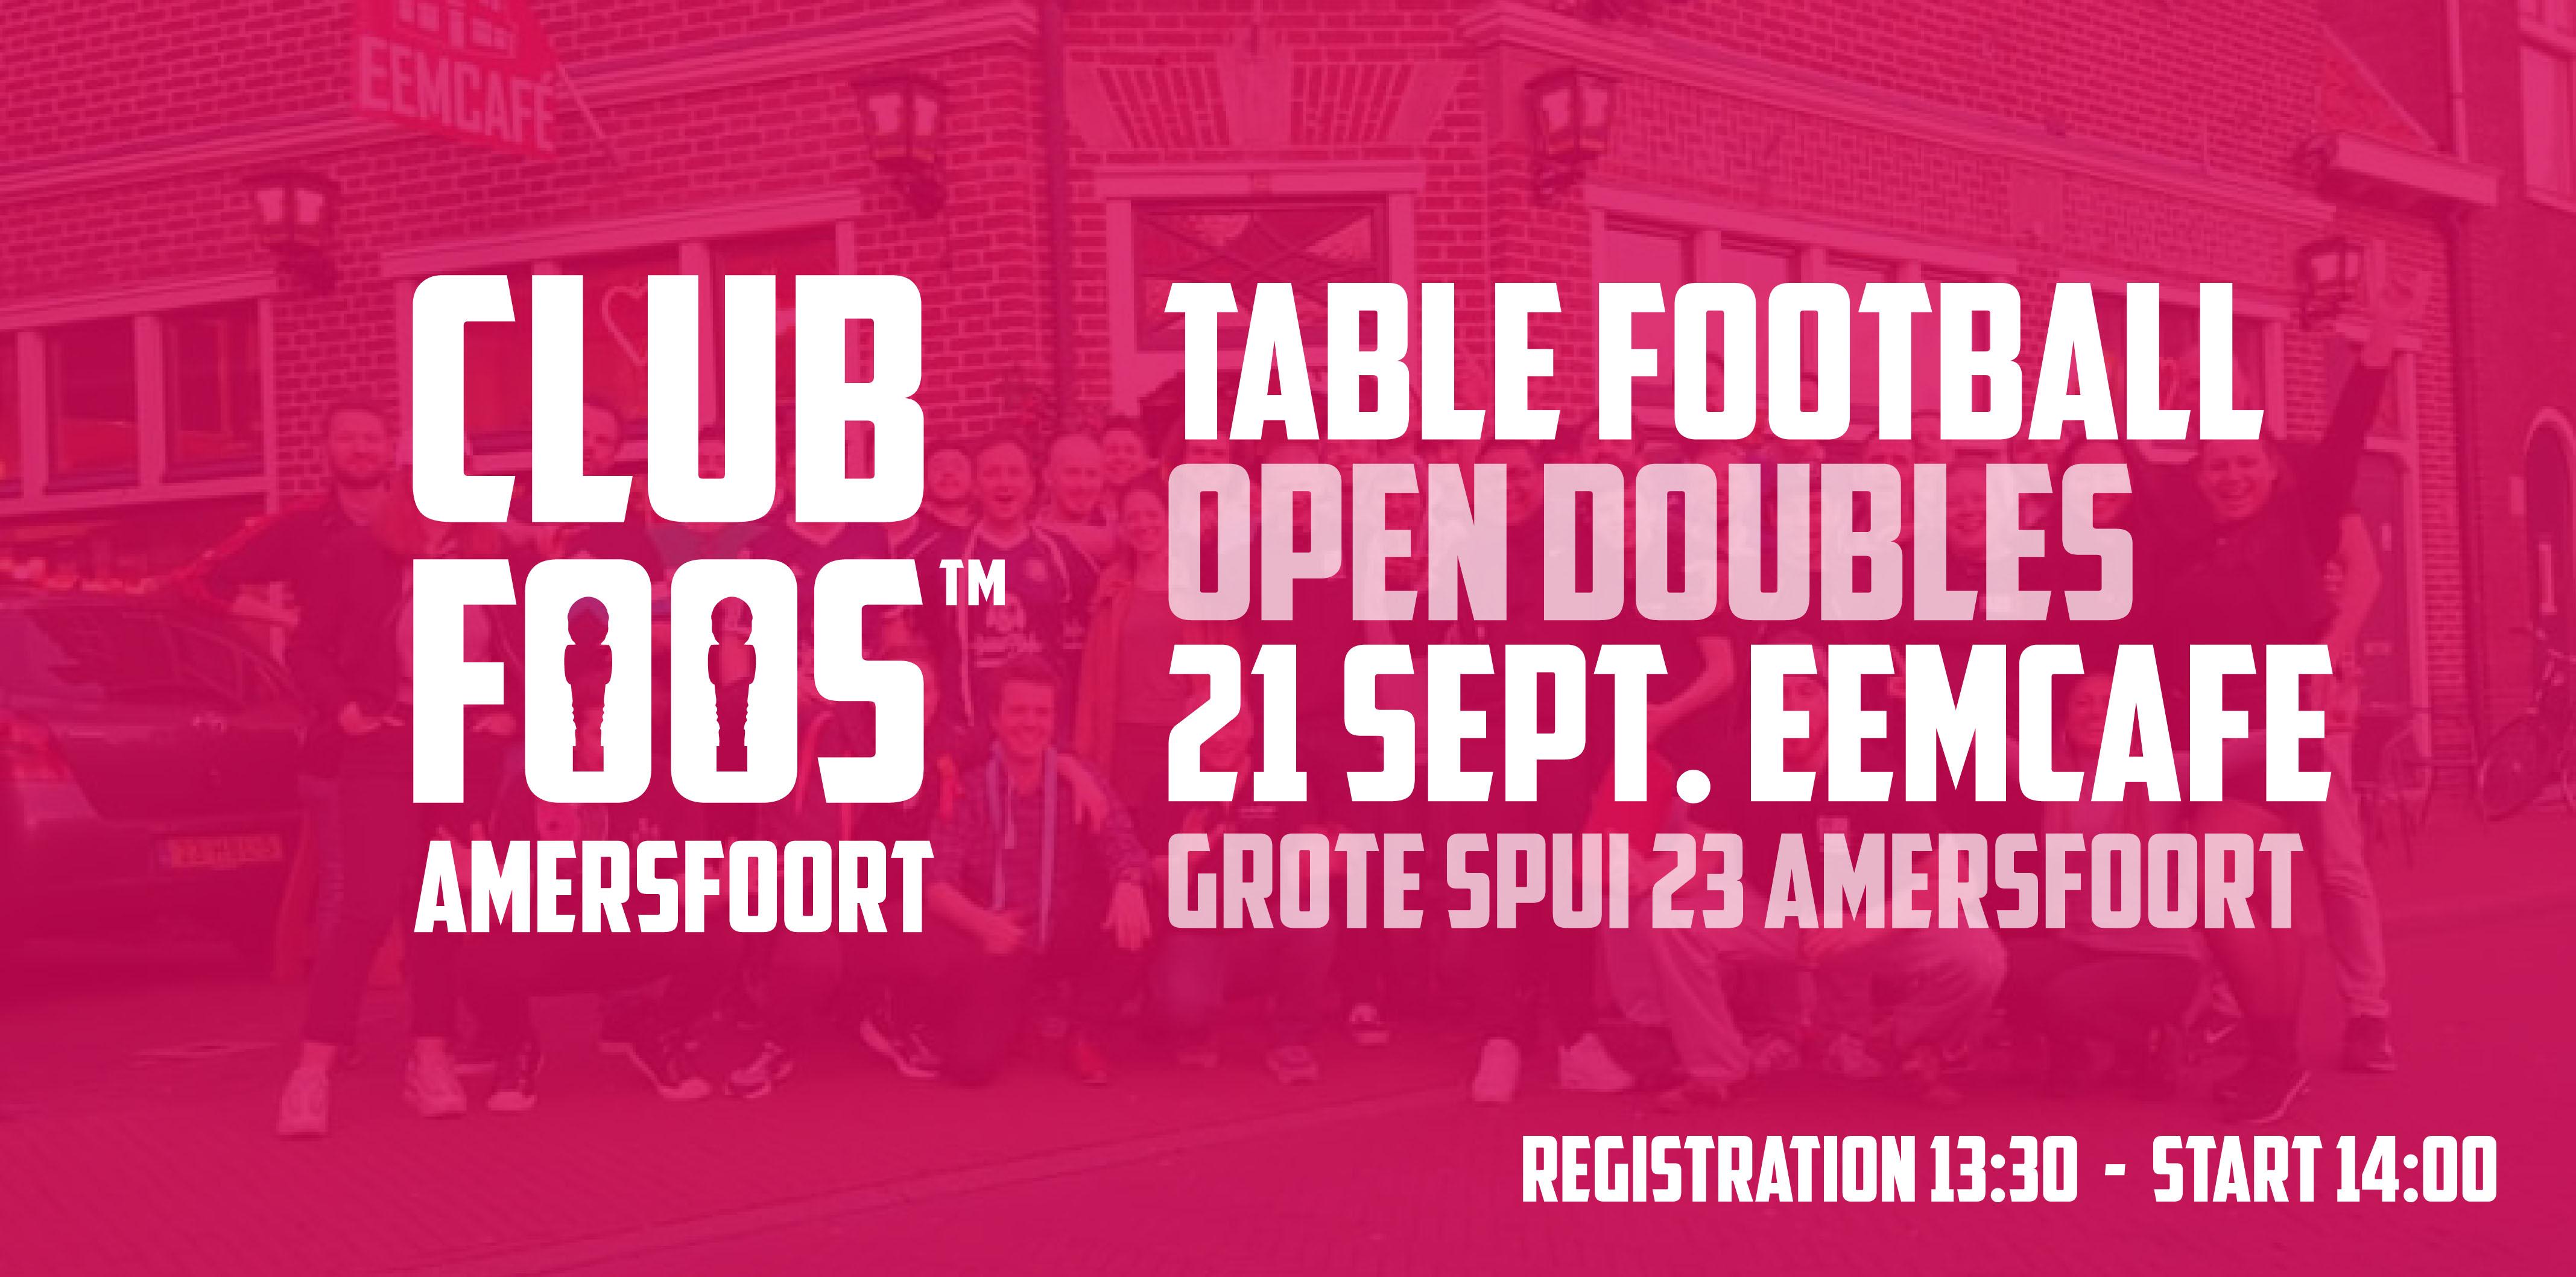 Binnenkort weer 2 NTVB Challenger toernooien:  ClubFoos-Amersfoort en SBZL-Spaubeek